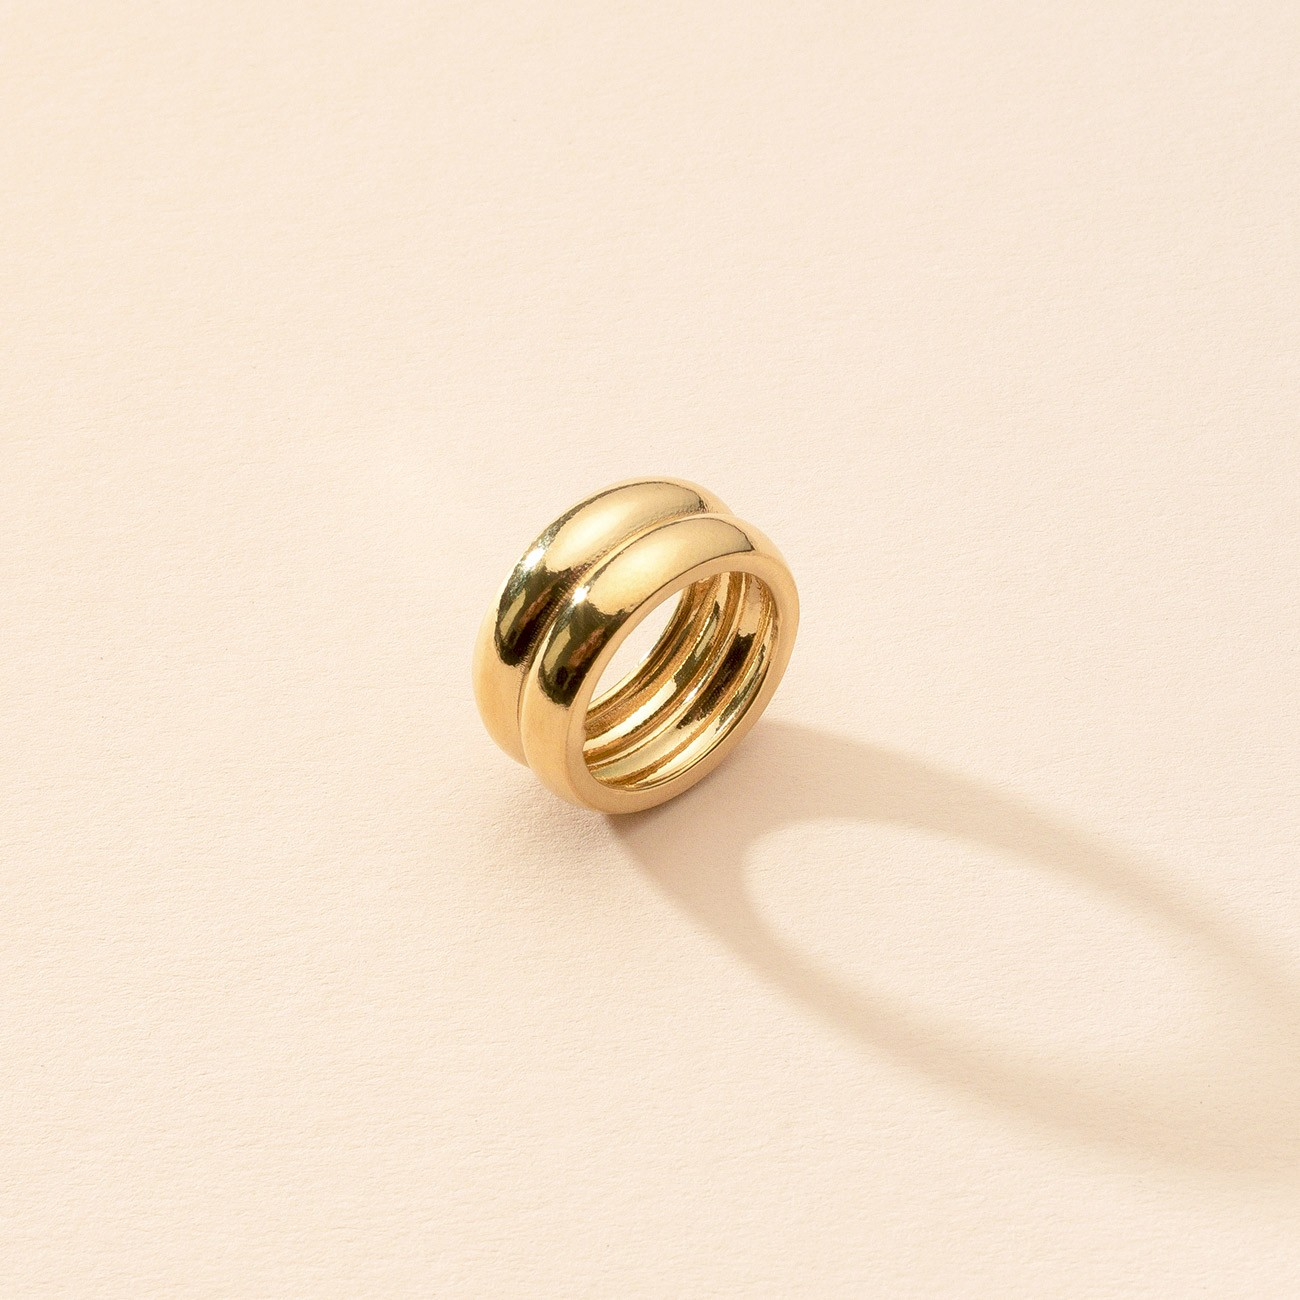 Gruby owalny pierścień, srebro 925